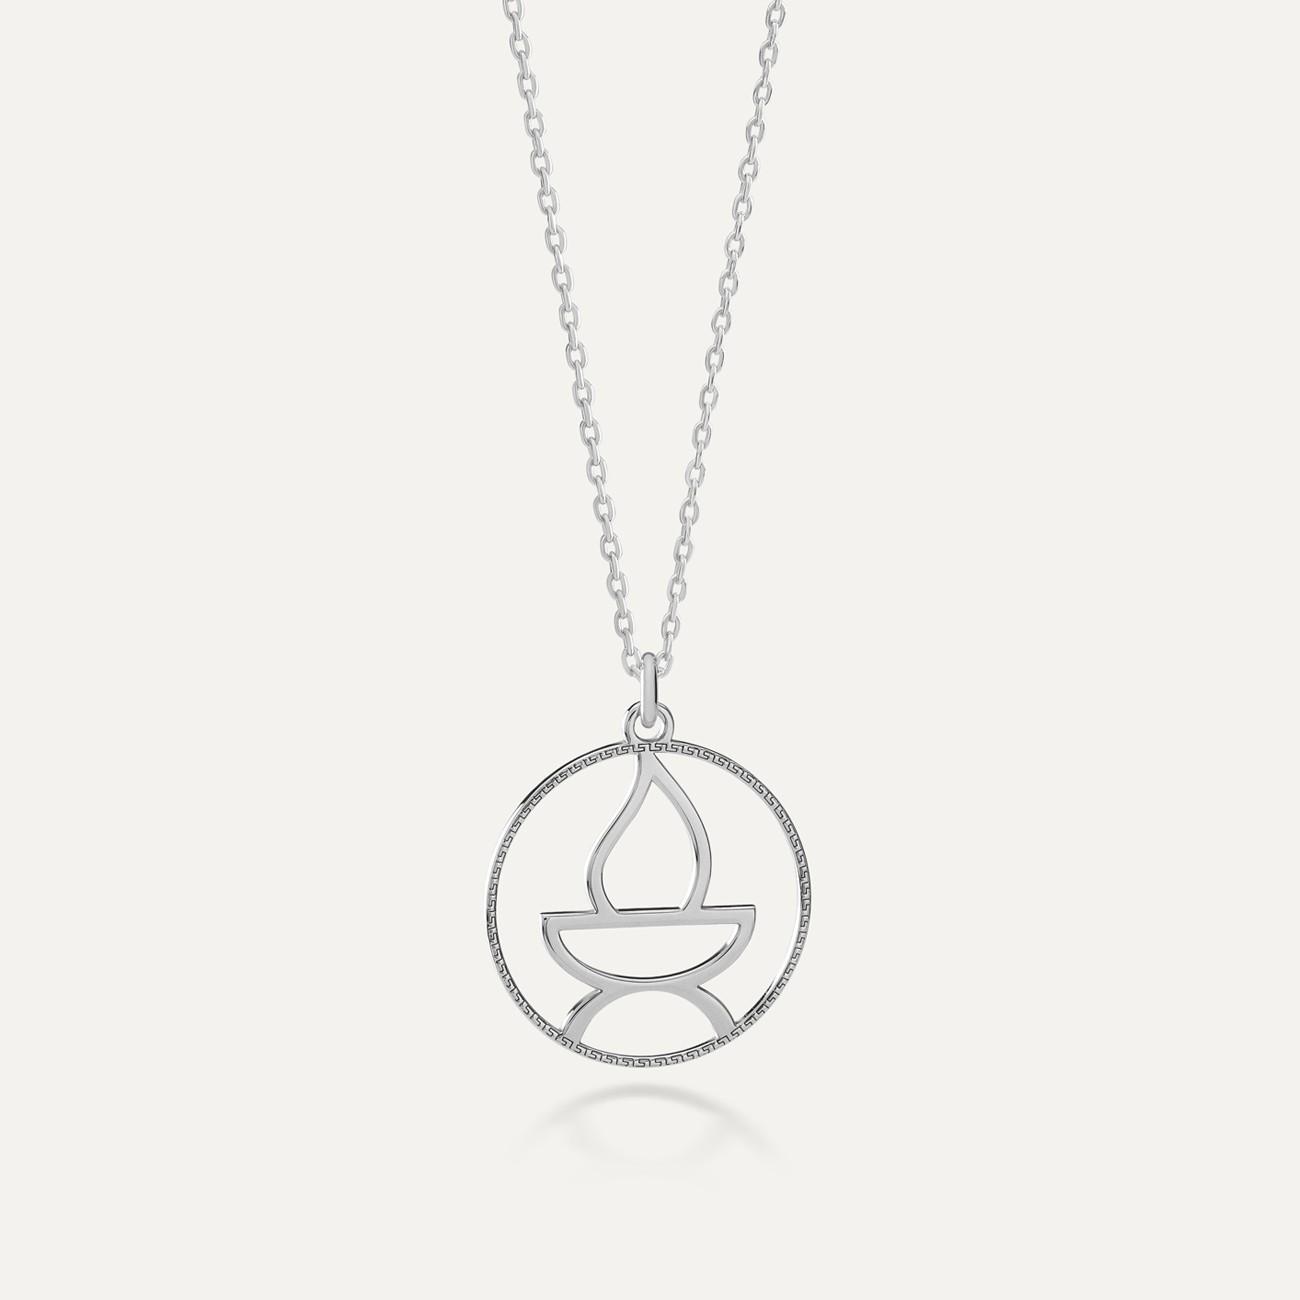 Necklace - Hephaestus, Silver 925 MON DÉFI